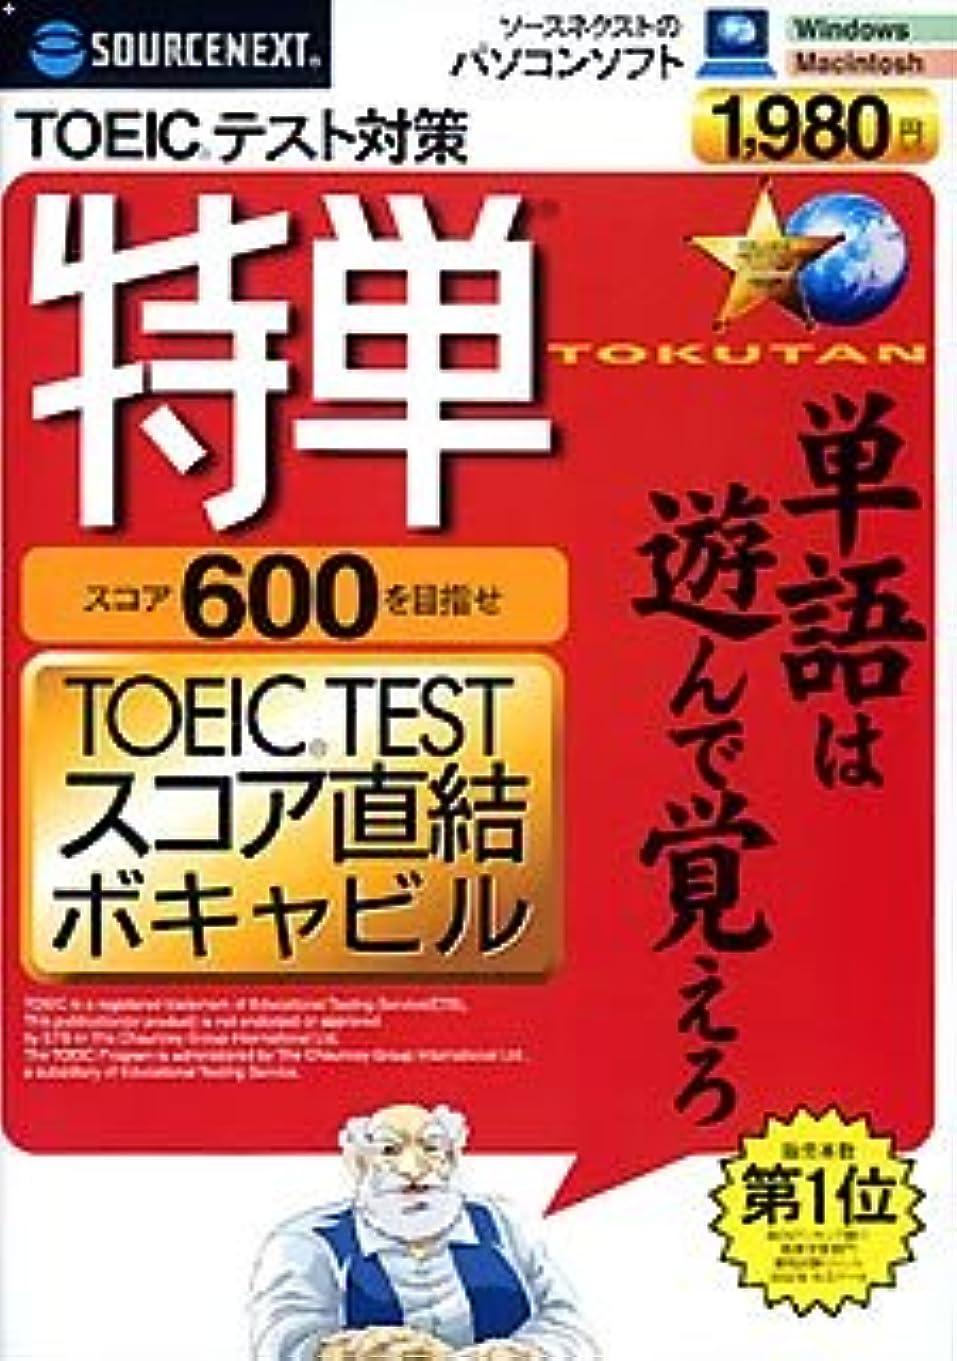 シンボル算術分析的な特単600 TOEIC(R)TESTスコア直結ボキャビル(アマレイハパッケージ版)